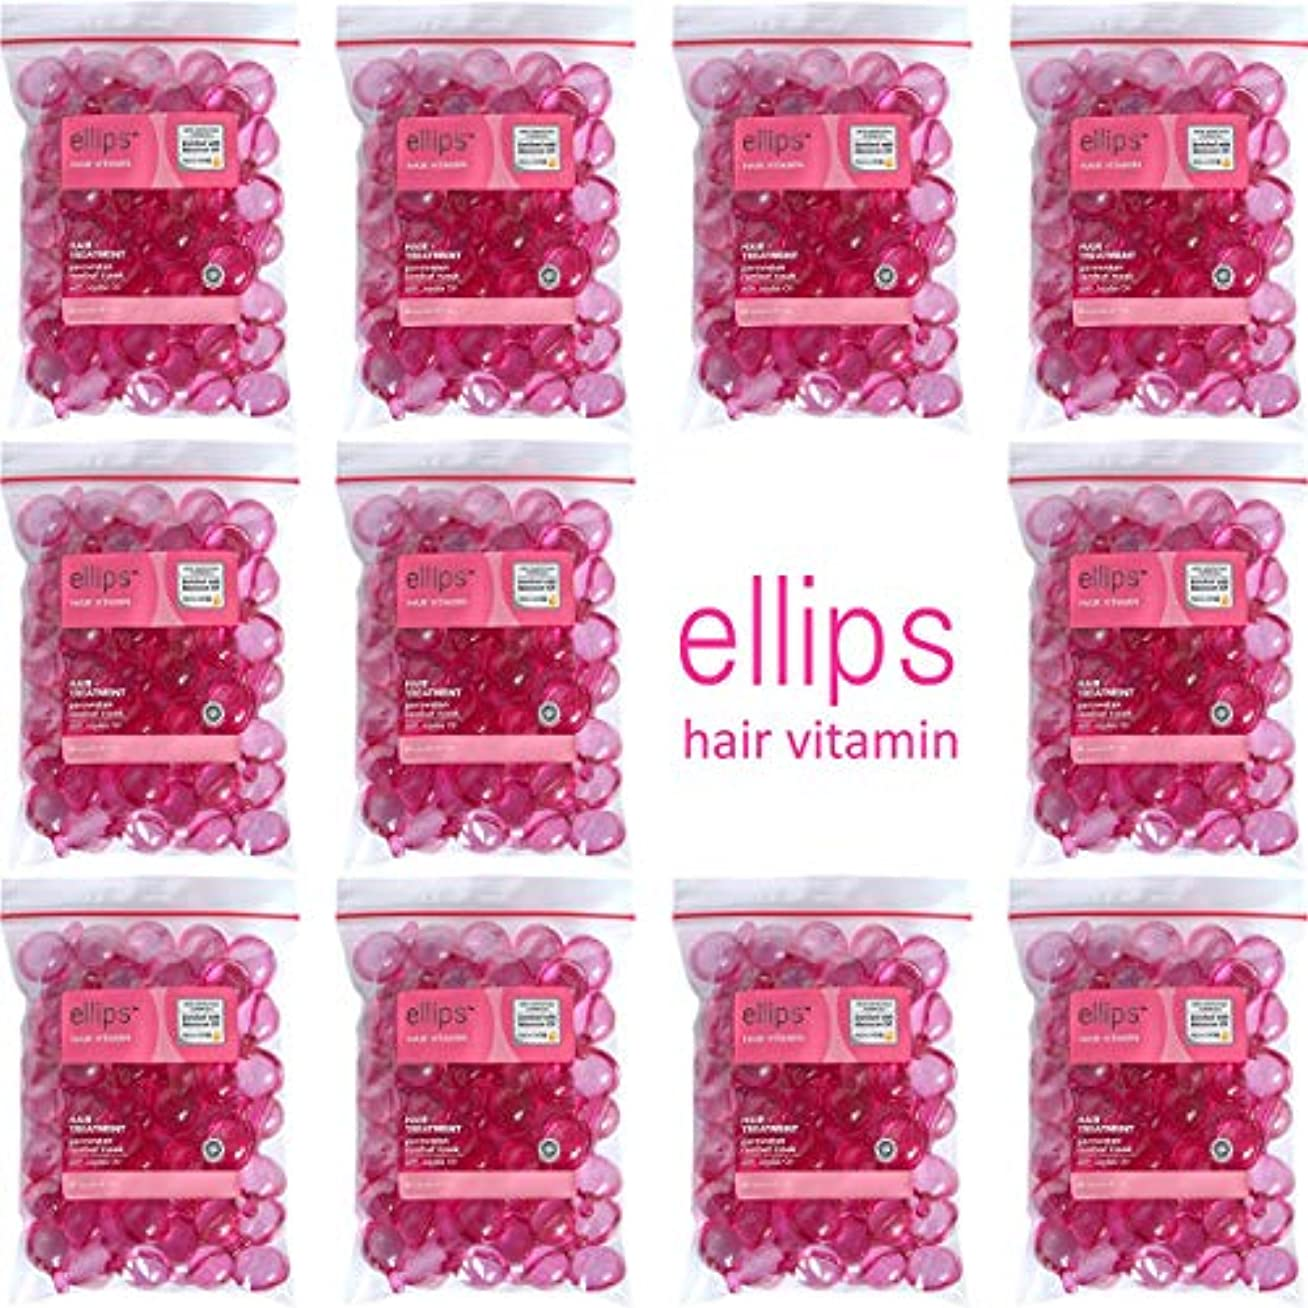 居心地の良い放射能幸福ellips エリプス エリップス ヘアビタミン ヘアオイル 洗い流さないトリートメント 袋詰め 50粒入×11個セット ピンク [海外直送品]